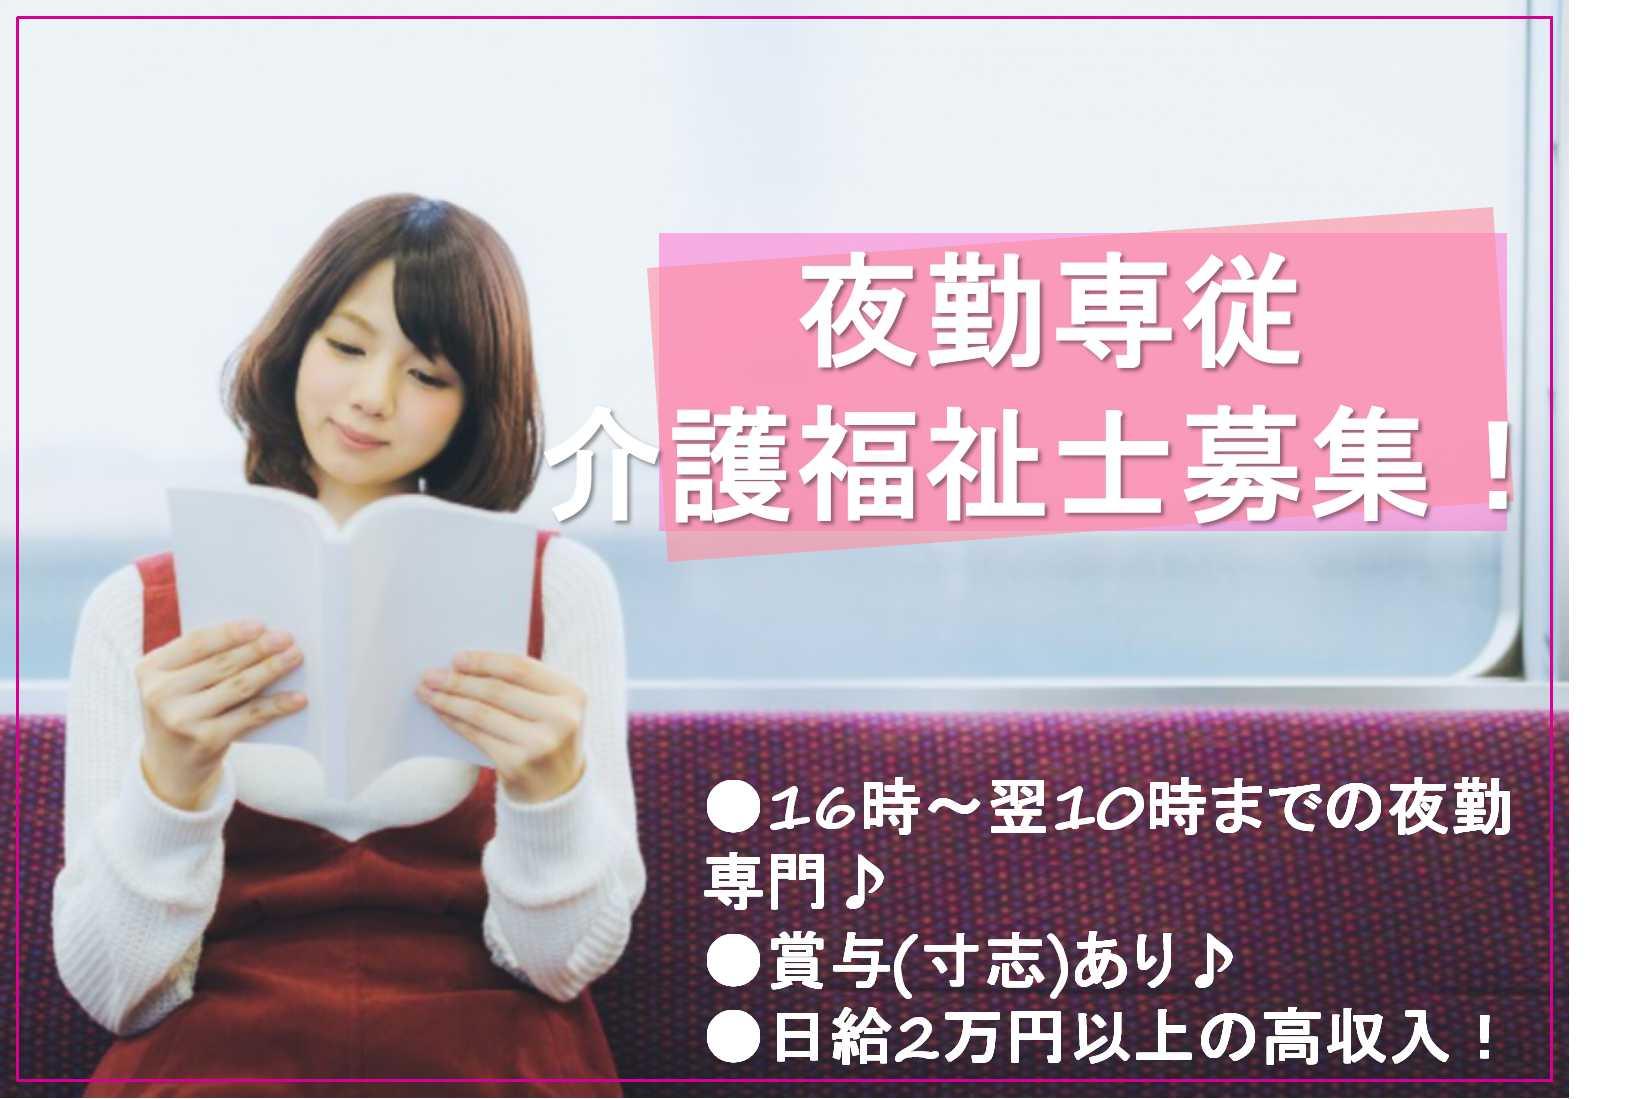 日給2万円以上♪賞与あり★夜勤専従介護福祉士【即面談可能】 イメージ